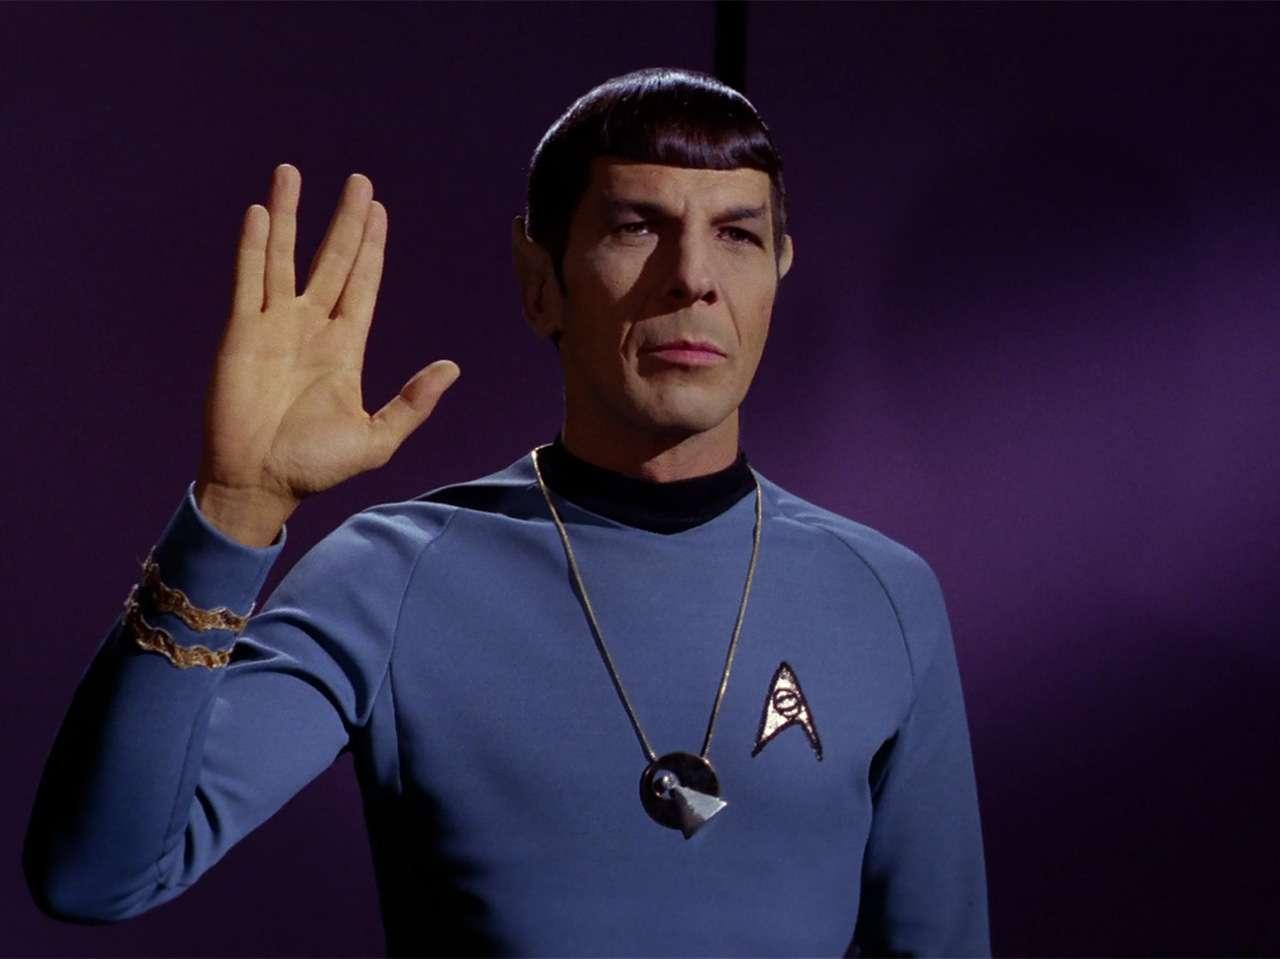 ¡Larga vida y prosperidad 'Spock'! Foto: Paramount Television